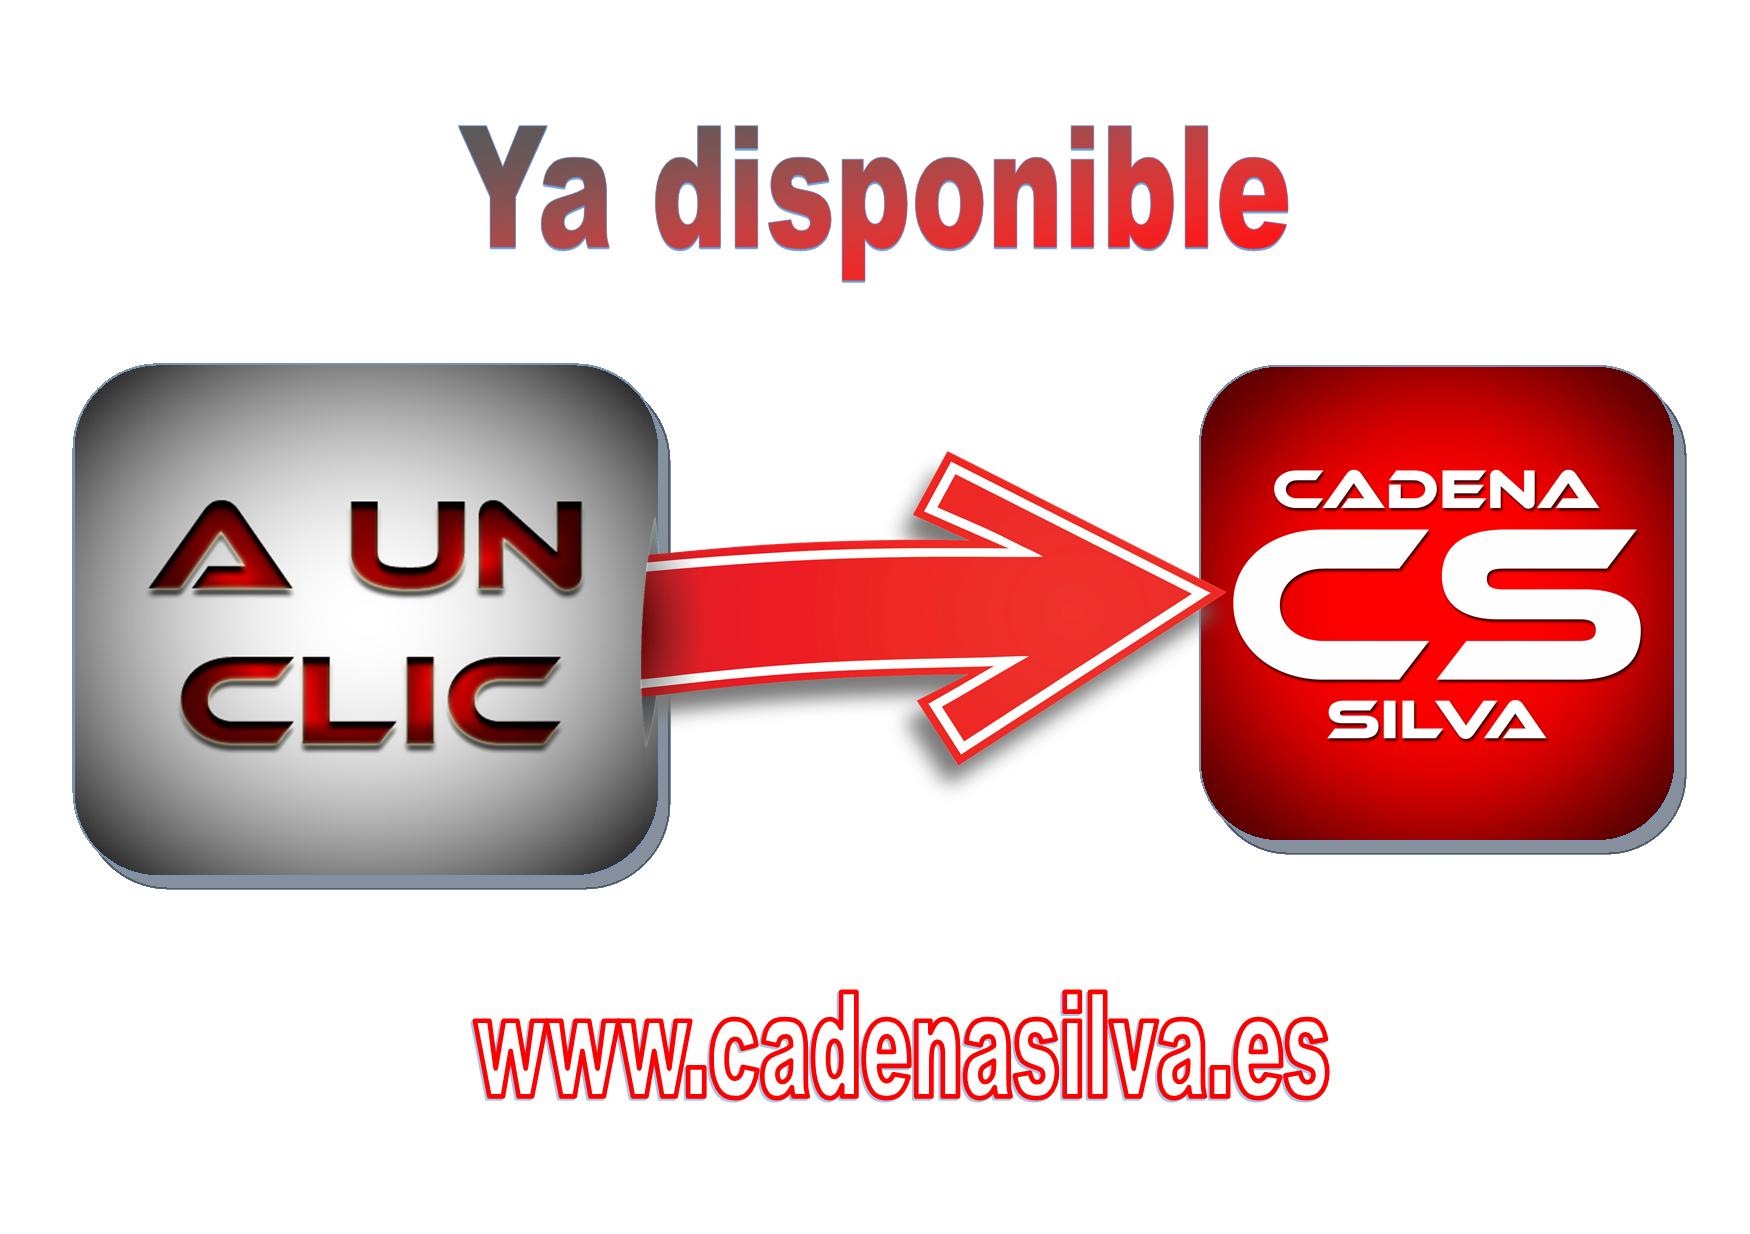 A un clic en Cadena Silva